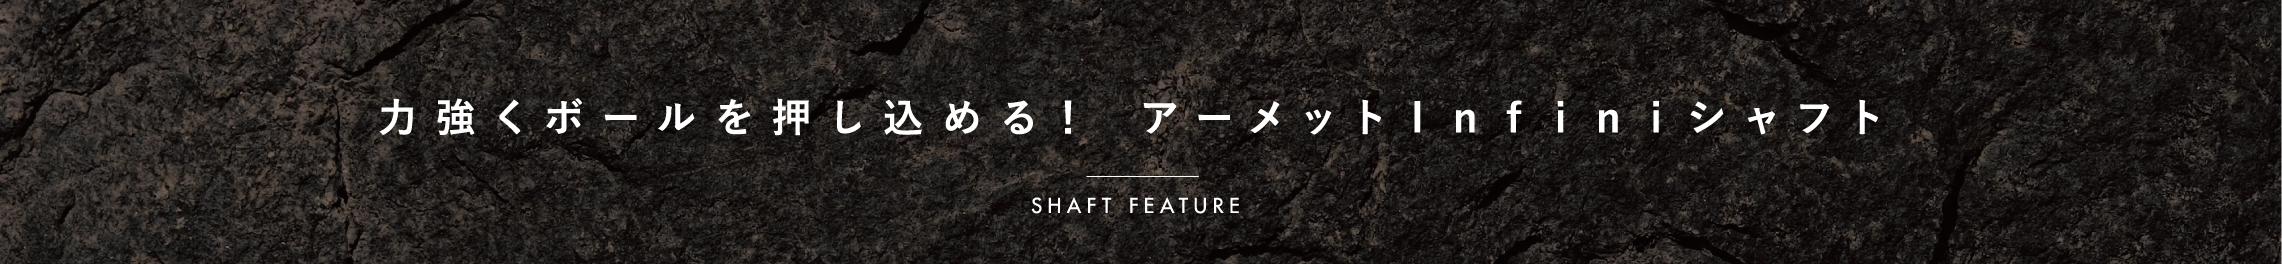 強く正確なインパクトに導くスマートインパクトシャフト Shaft Feature